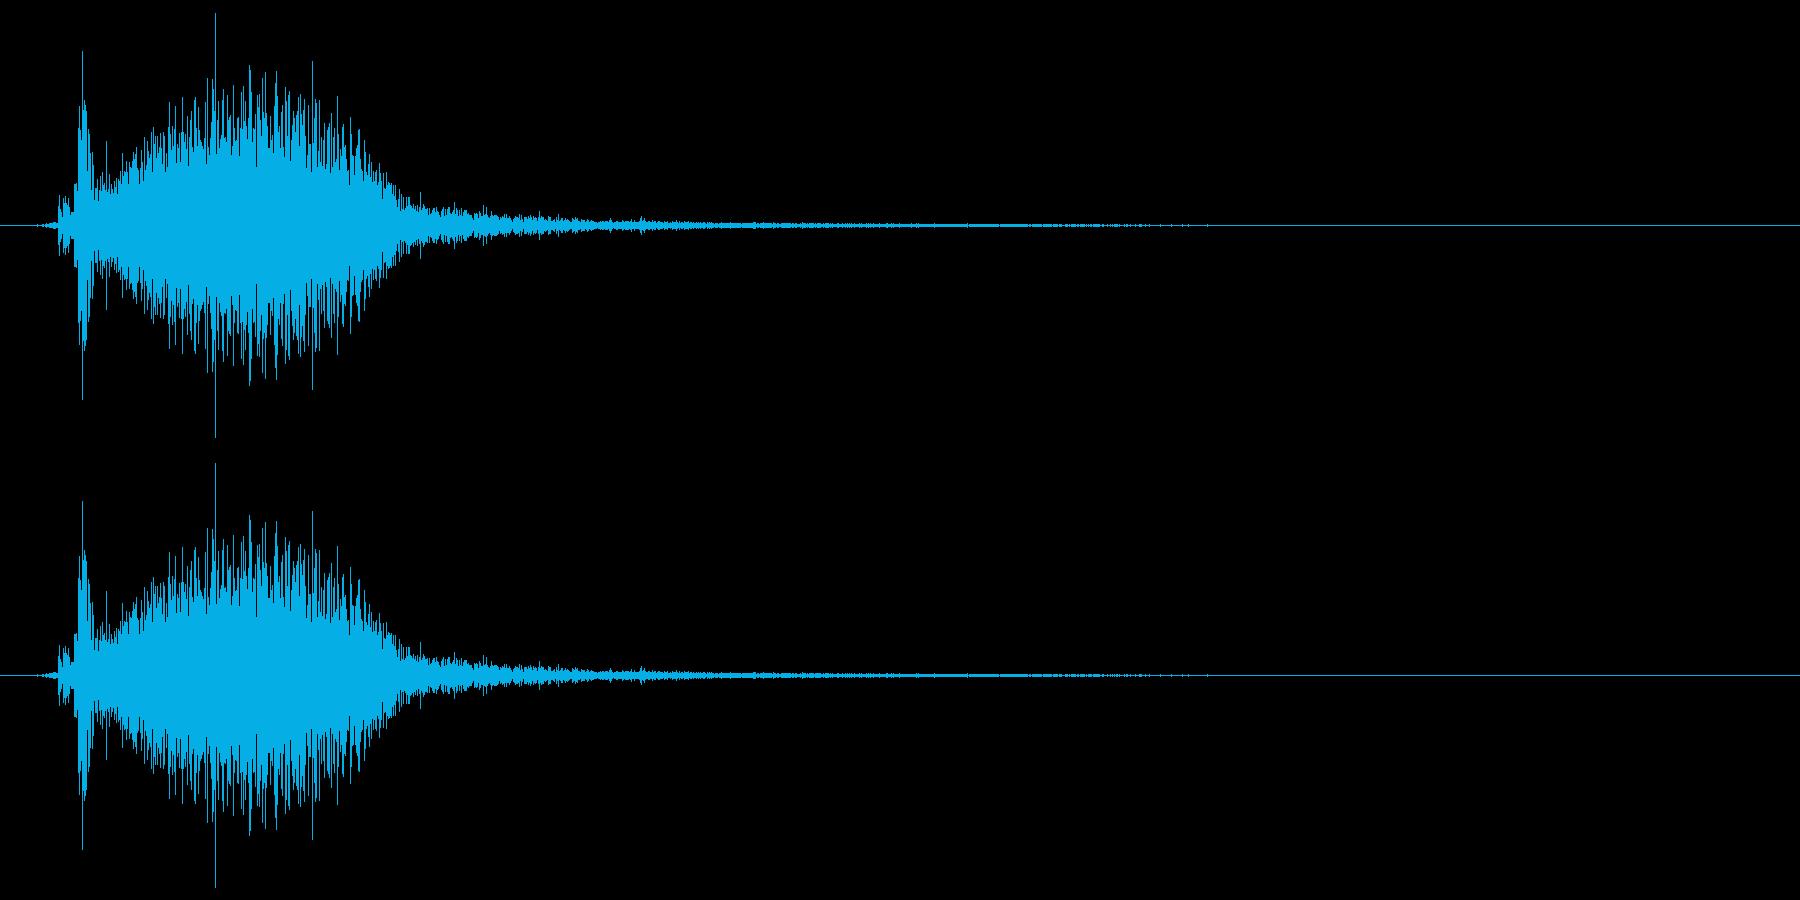 シュッ/霧吹き/1回の再生済みの波形